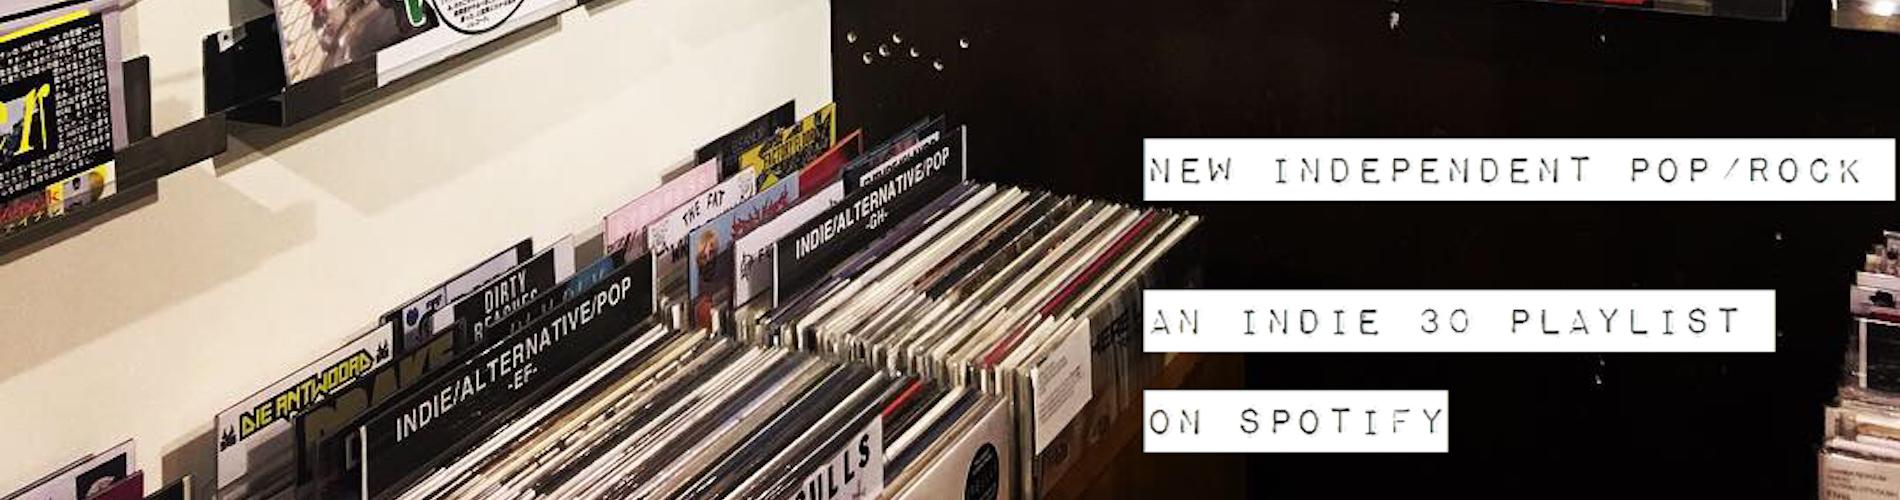 New-Independent-Pop-Rock-copy